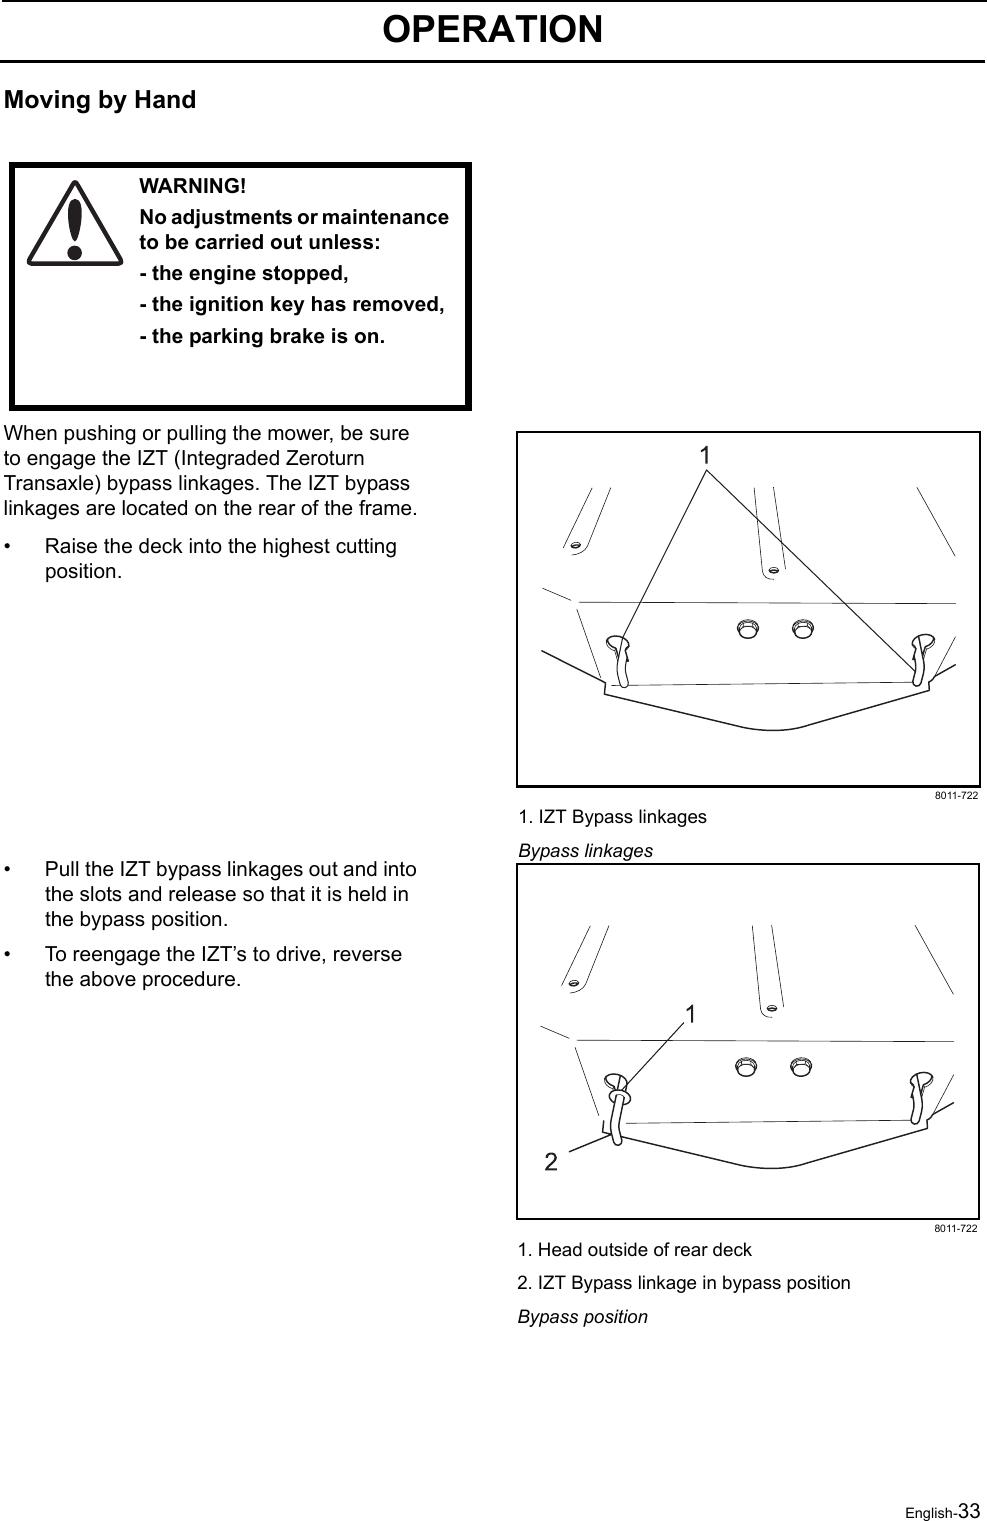 Husqvarna Z4822 Users Manual OM, Z 4822/ 4824, 2005 11, Ride Mower